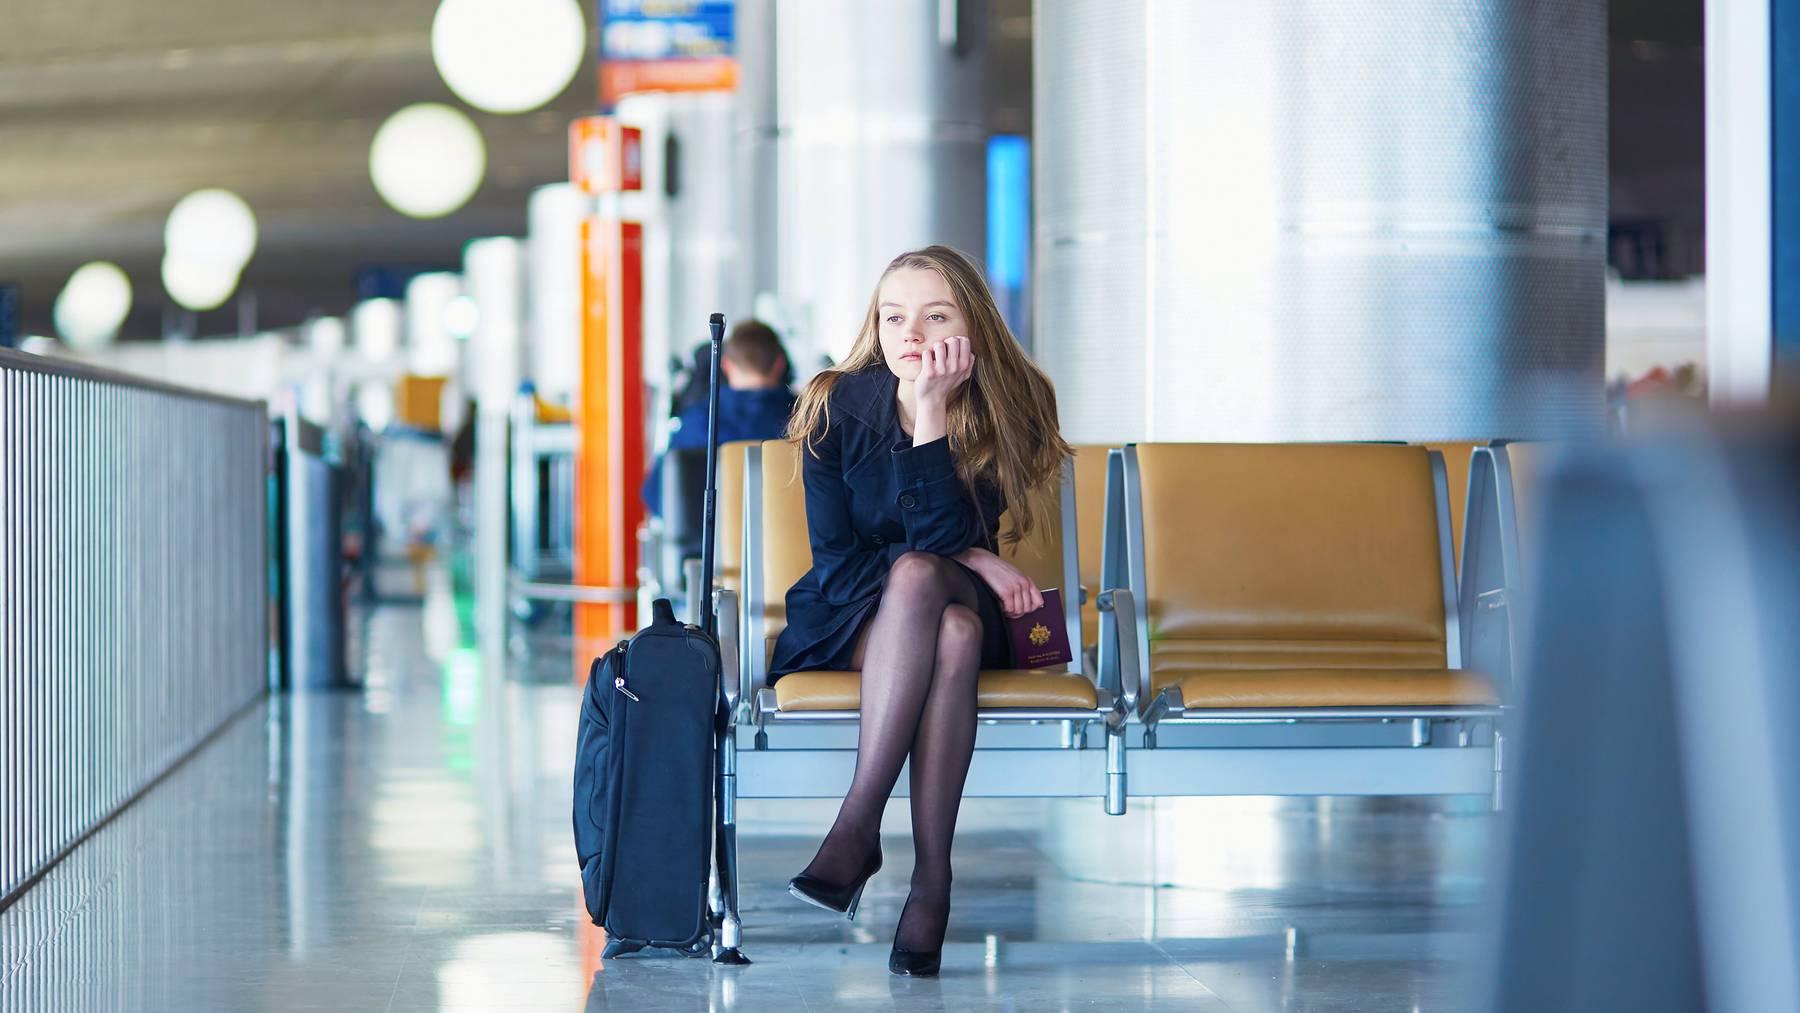 Ferienfrust pur: Flugverspätungen und Gepäckverlust können einem alle Ferien-Vorfreude nehmen. (Symbolbild)